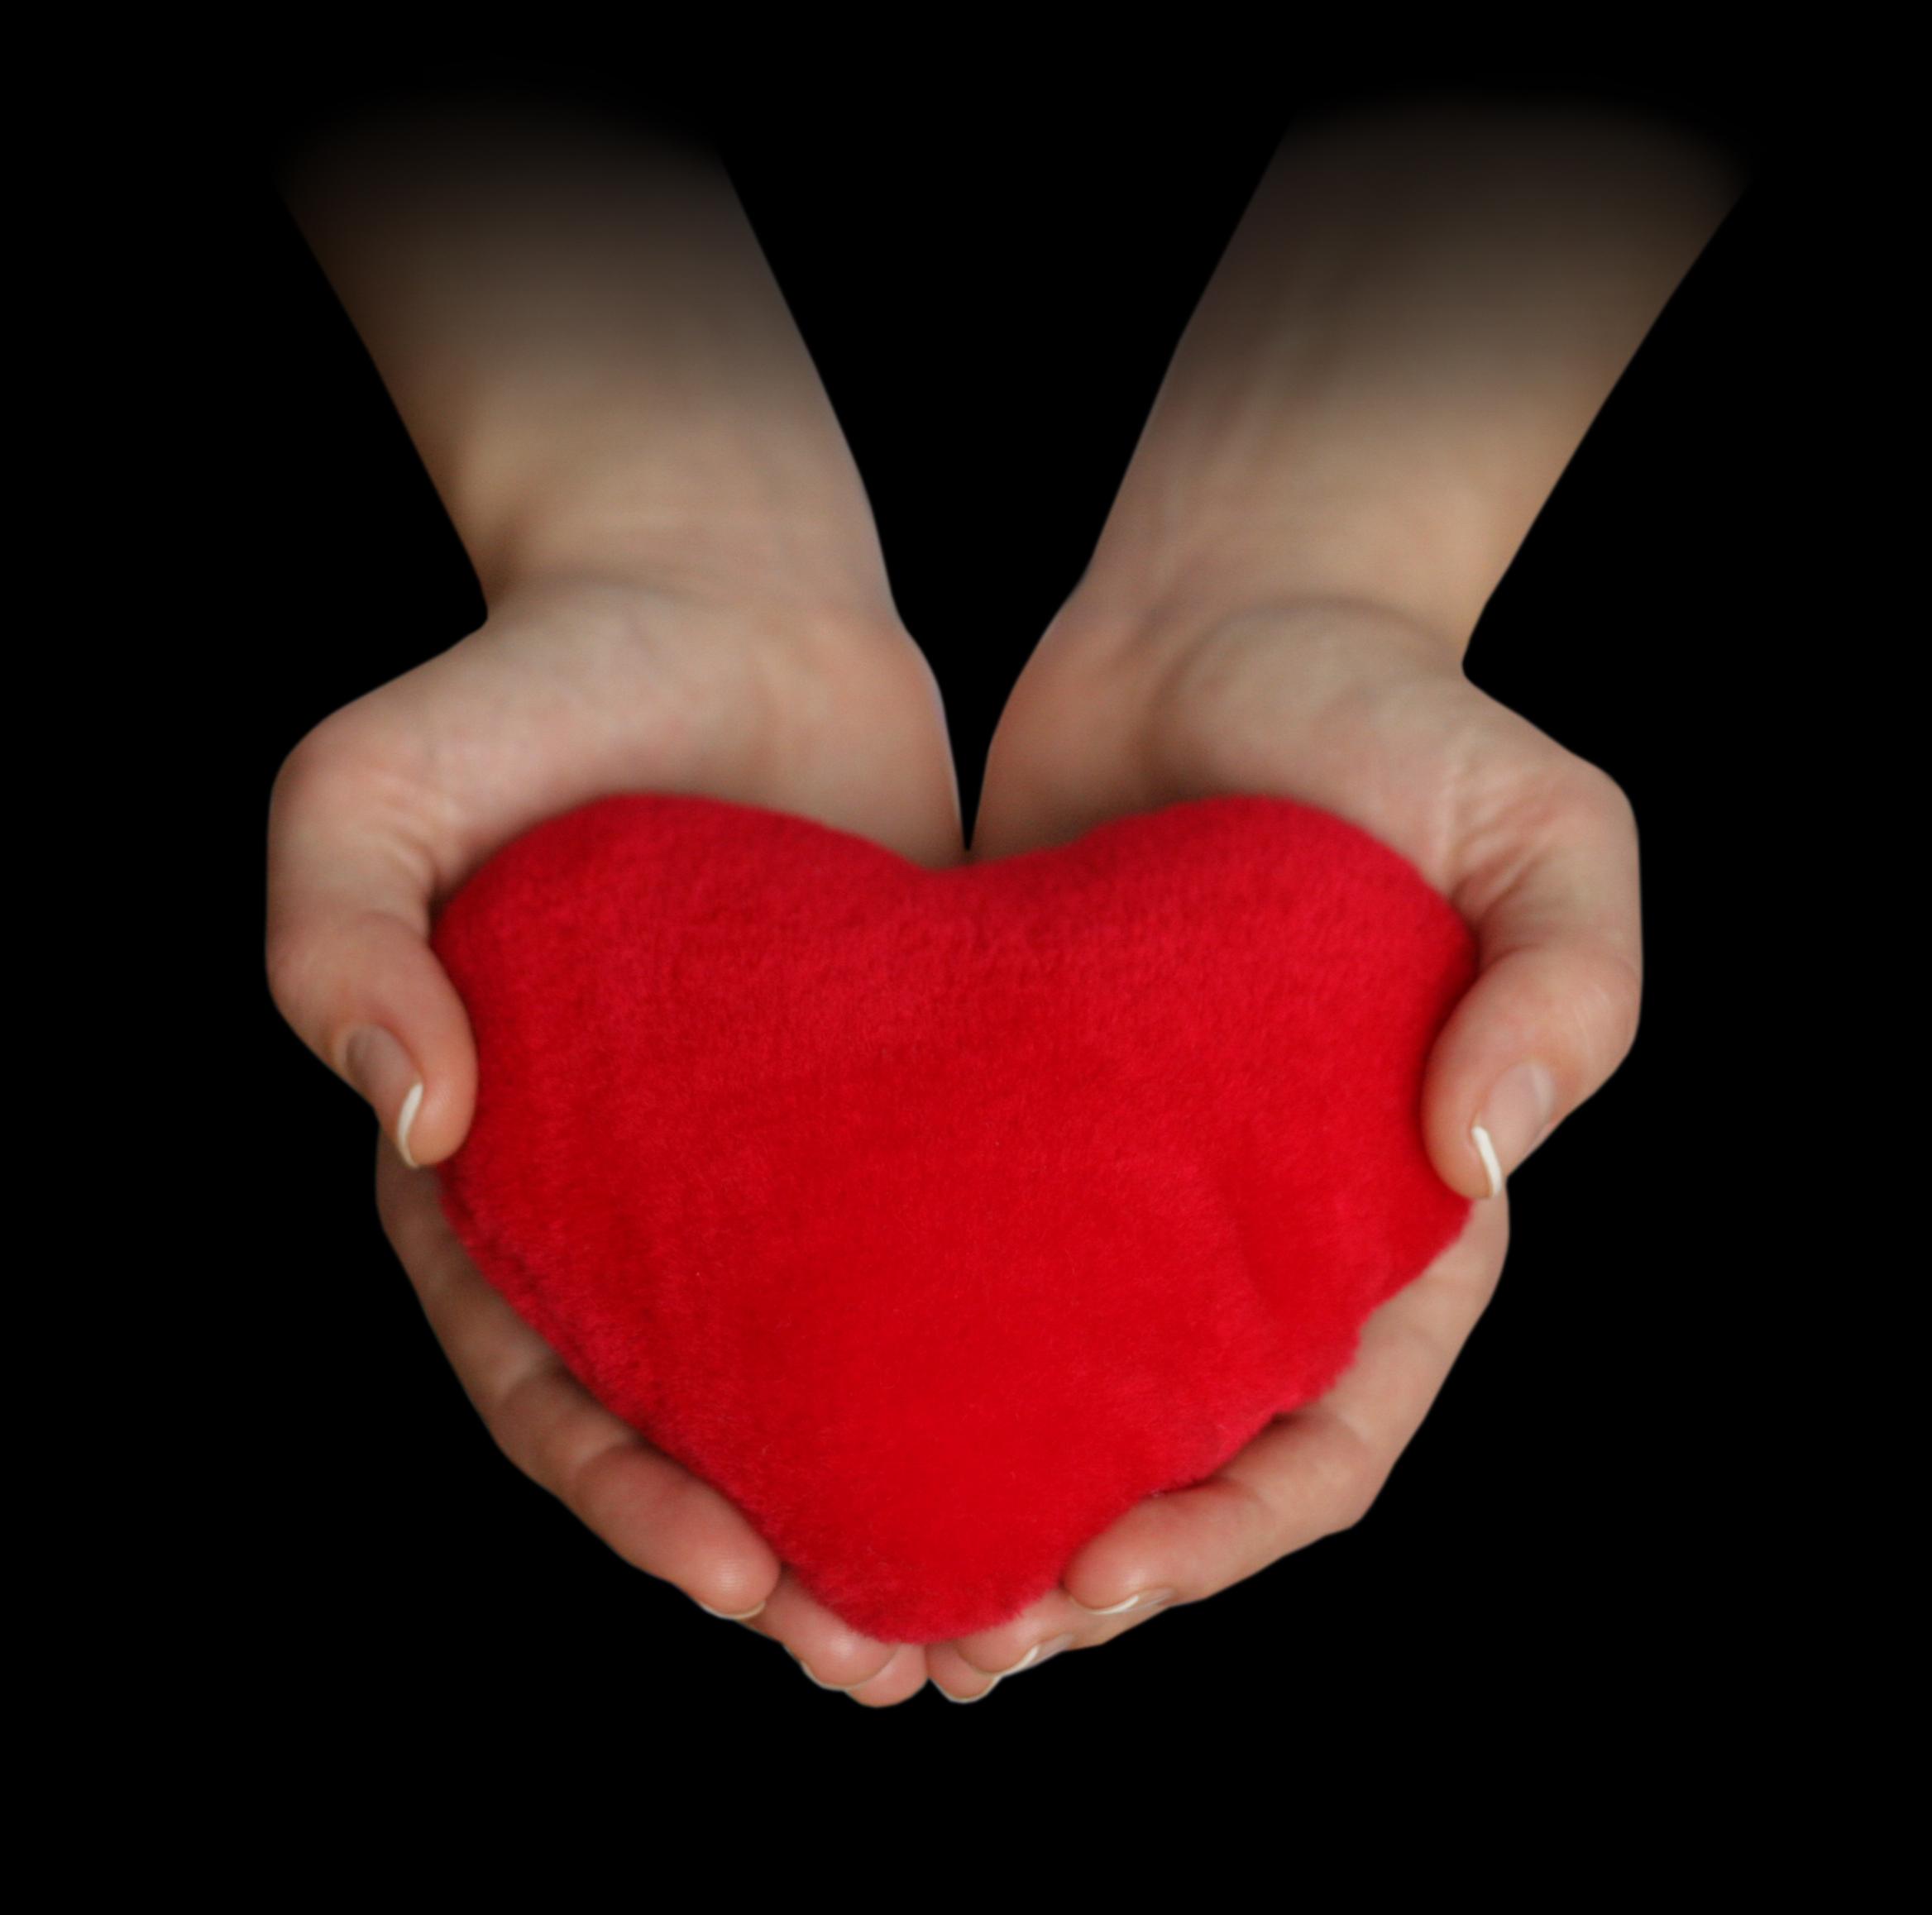 большое красное сердце в руках, heart in hands, скачать фото, обои на рабочий стол